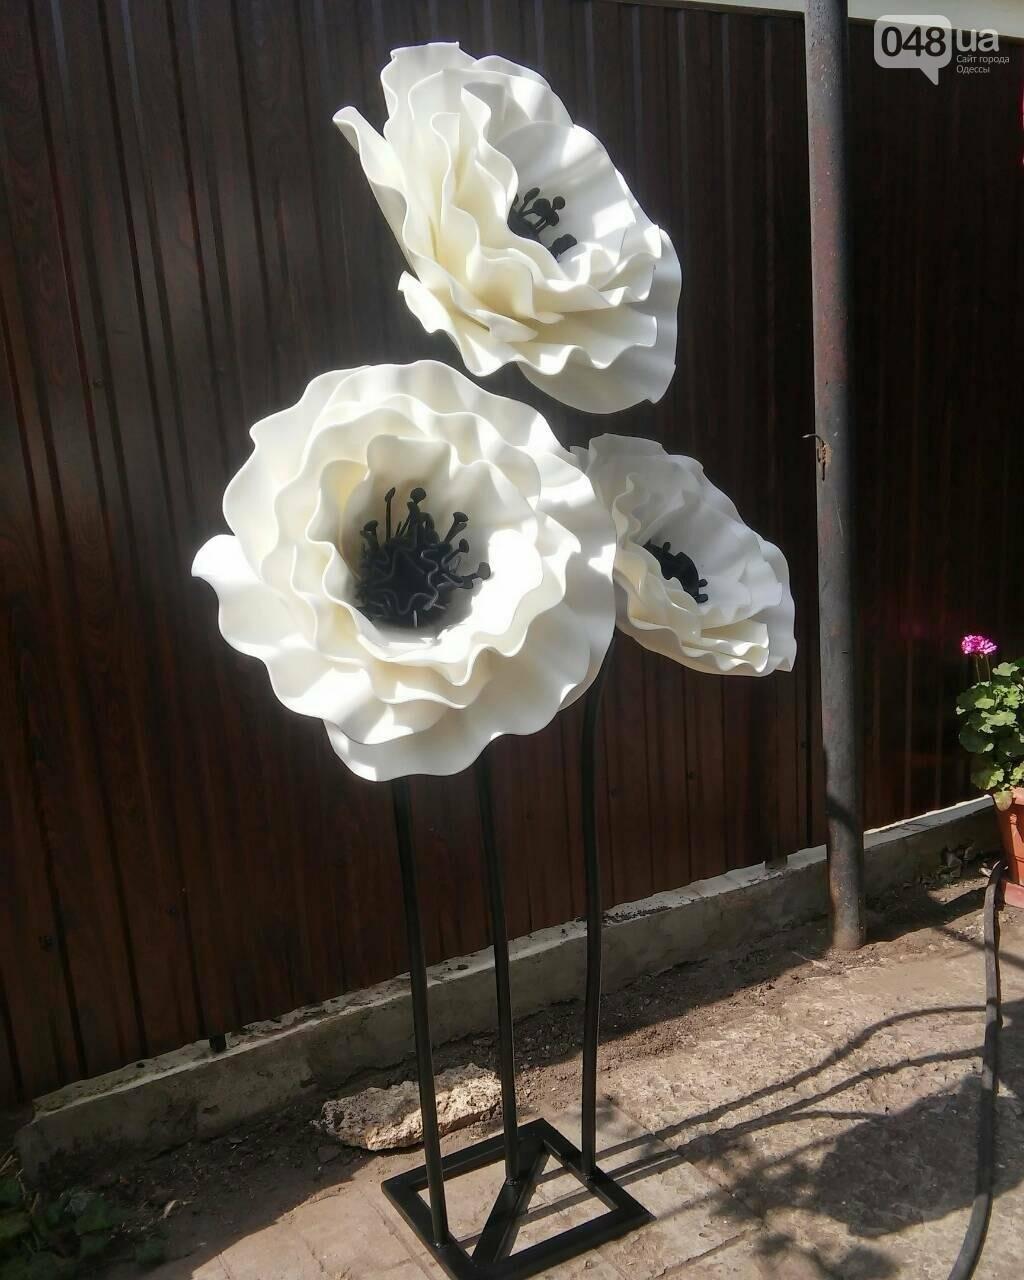 Необычный флорист из Одессы создает гигантские бутоны (ФОТО), фото-8